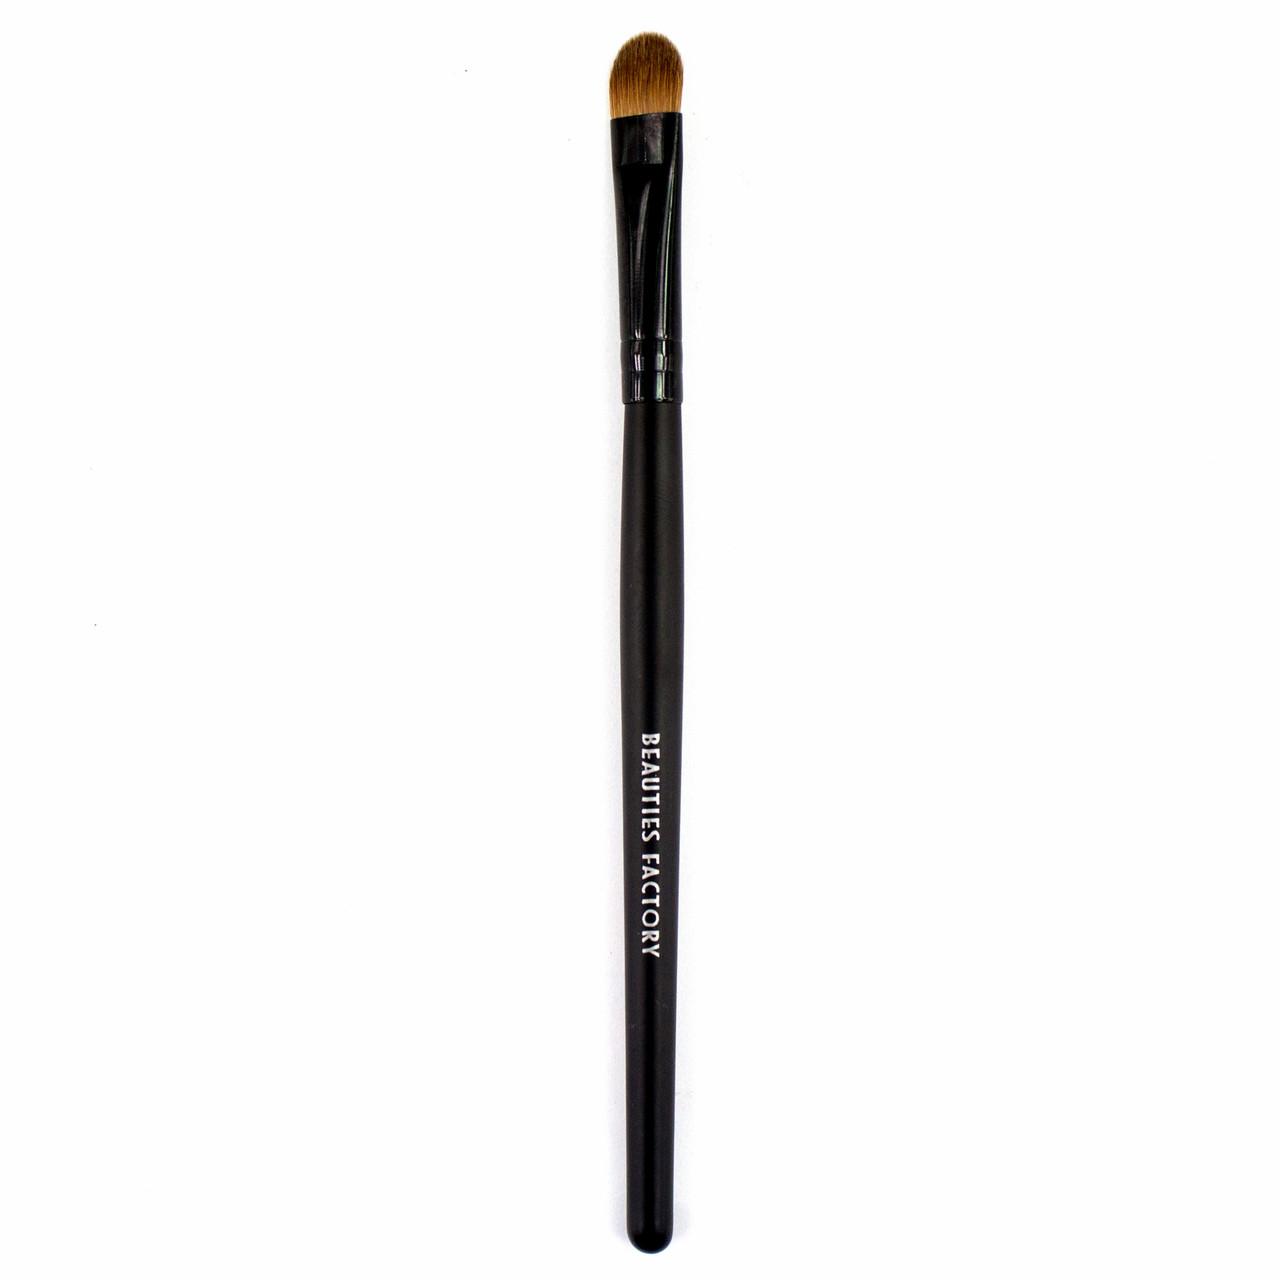 Кисть для теней из волчьего ворса Beauties Factory Medium Round Shadow Brush